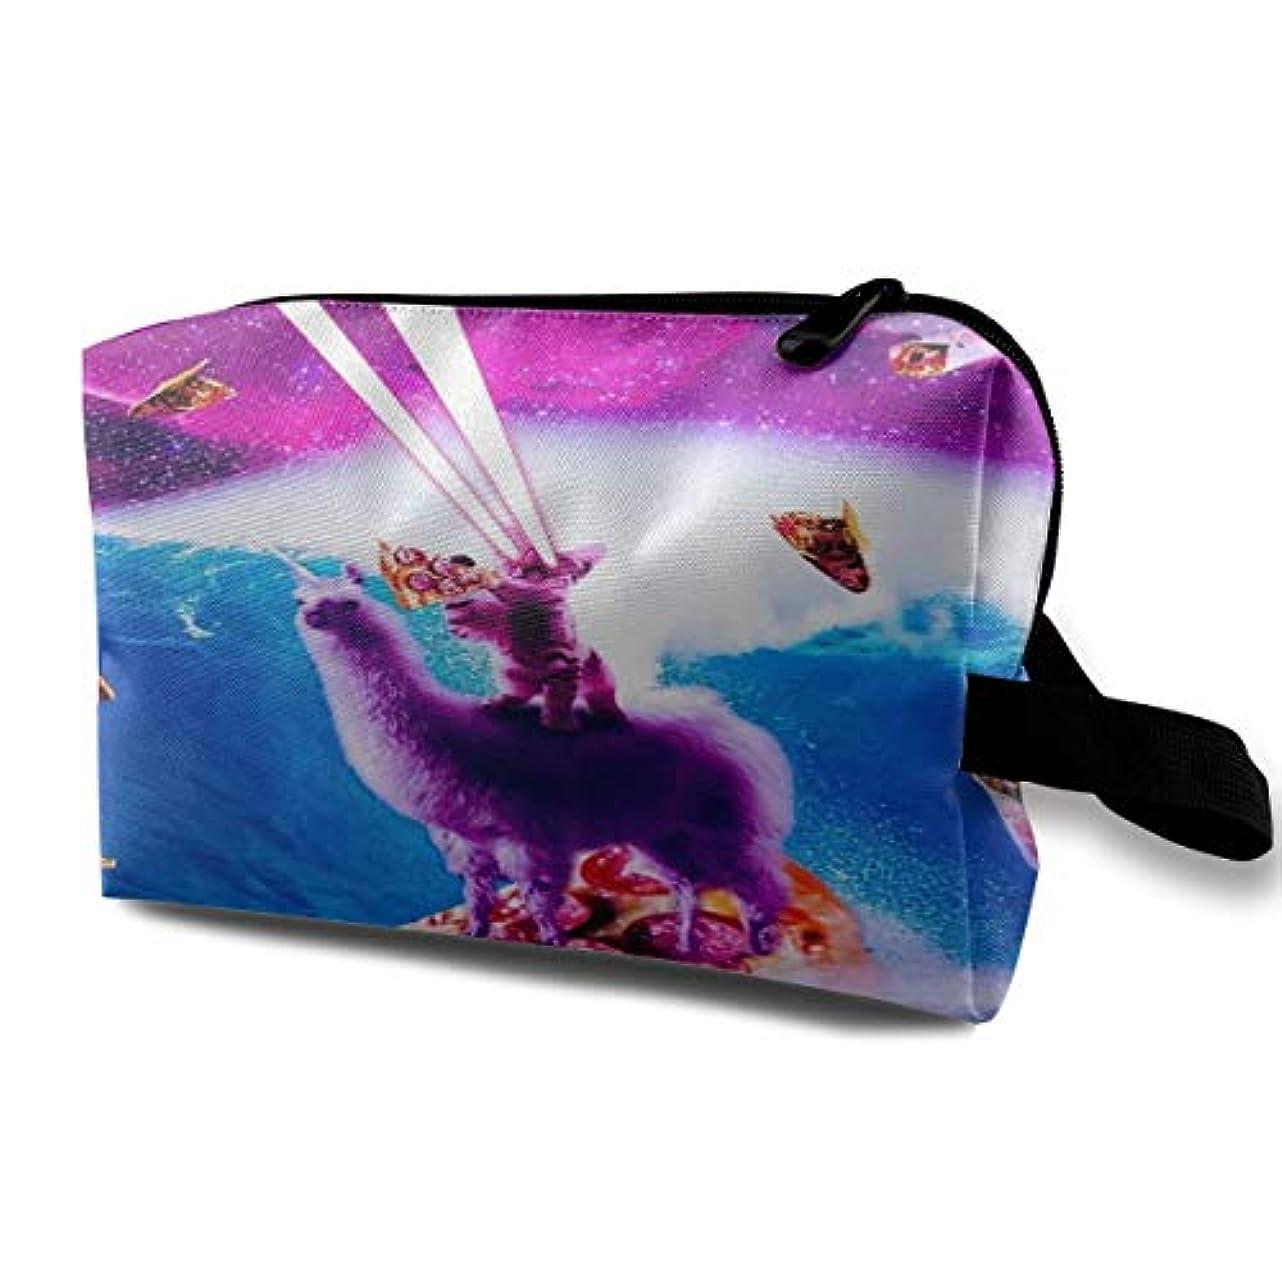 オンス預言者スープLaser Eyes Space Cat Riding On Surfing 収納ポーチ 化粧ポーチ 大容量 軽量 耐久性 ハンドル付持ち運び便利。入れ 自宅?出張?旅行?アウトドア撮影などに対応。メンズ レディース トラベルグッズ